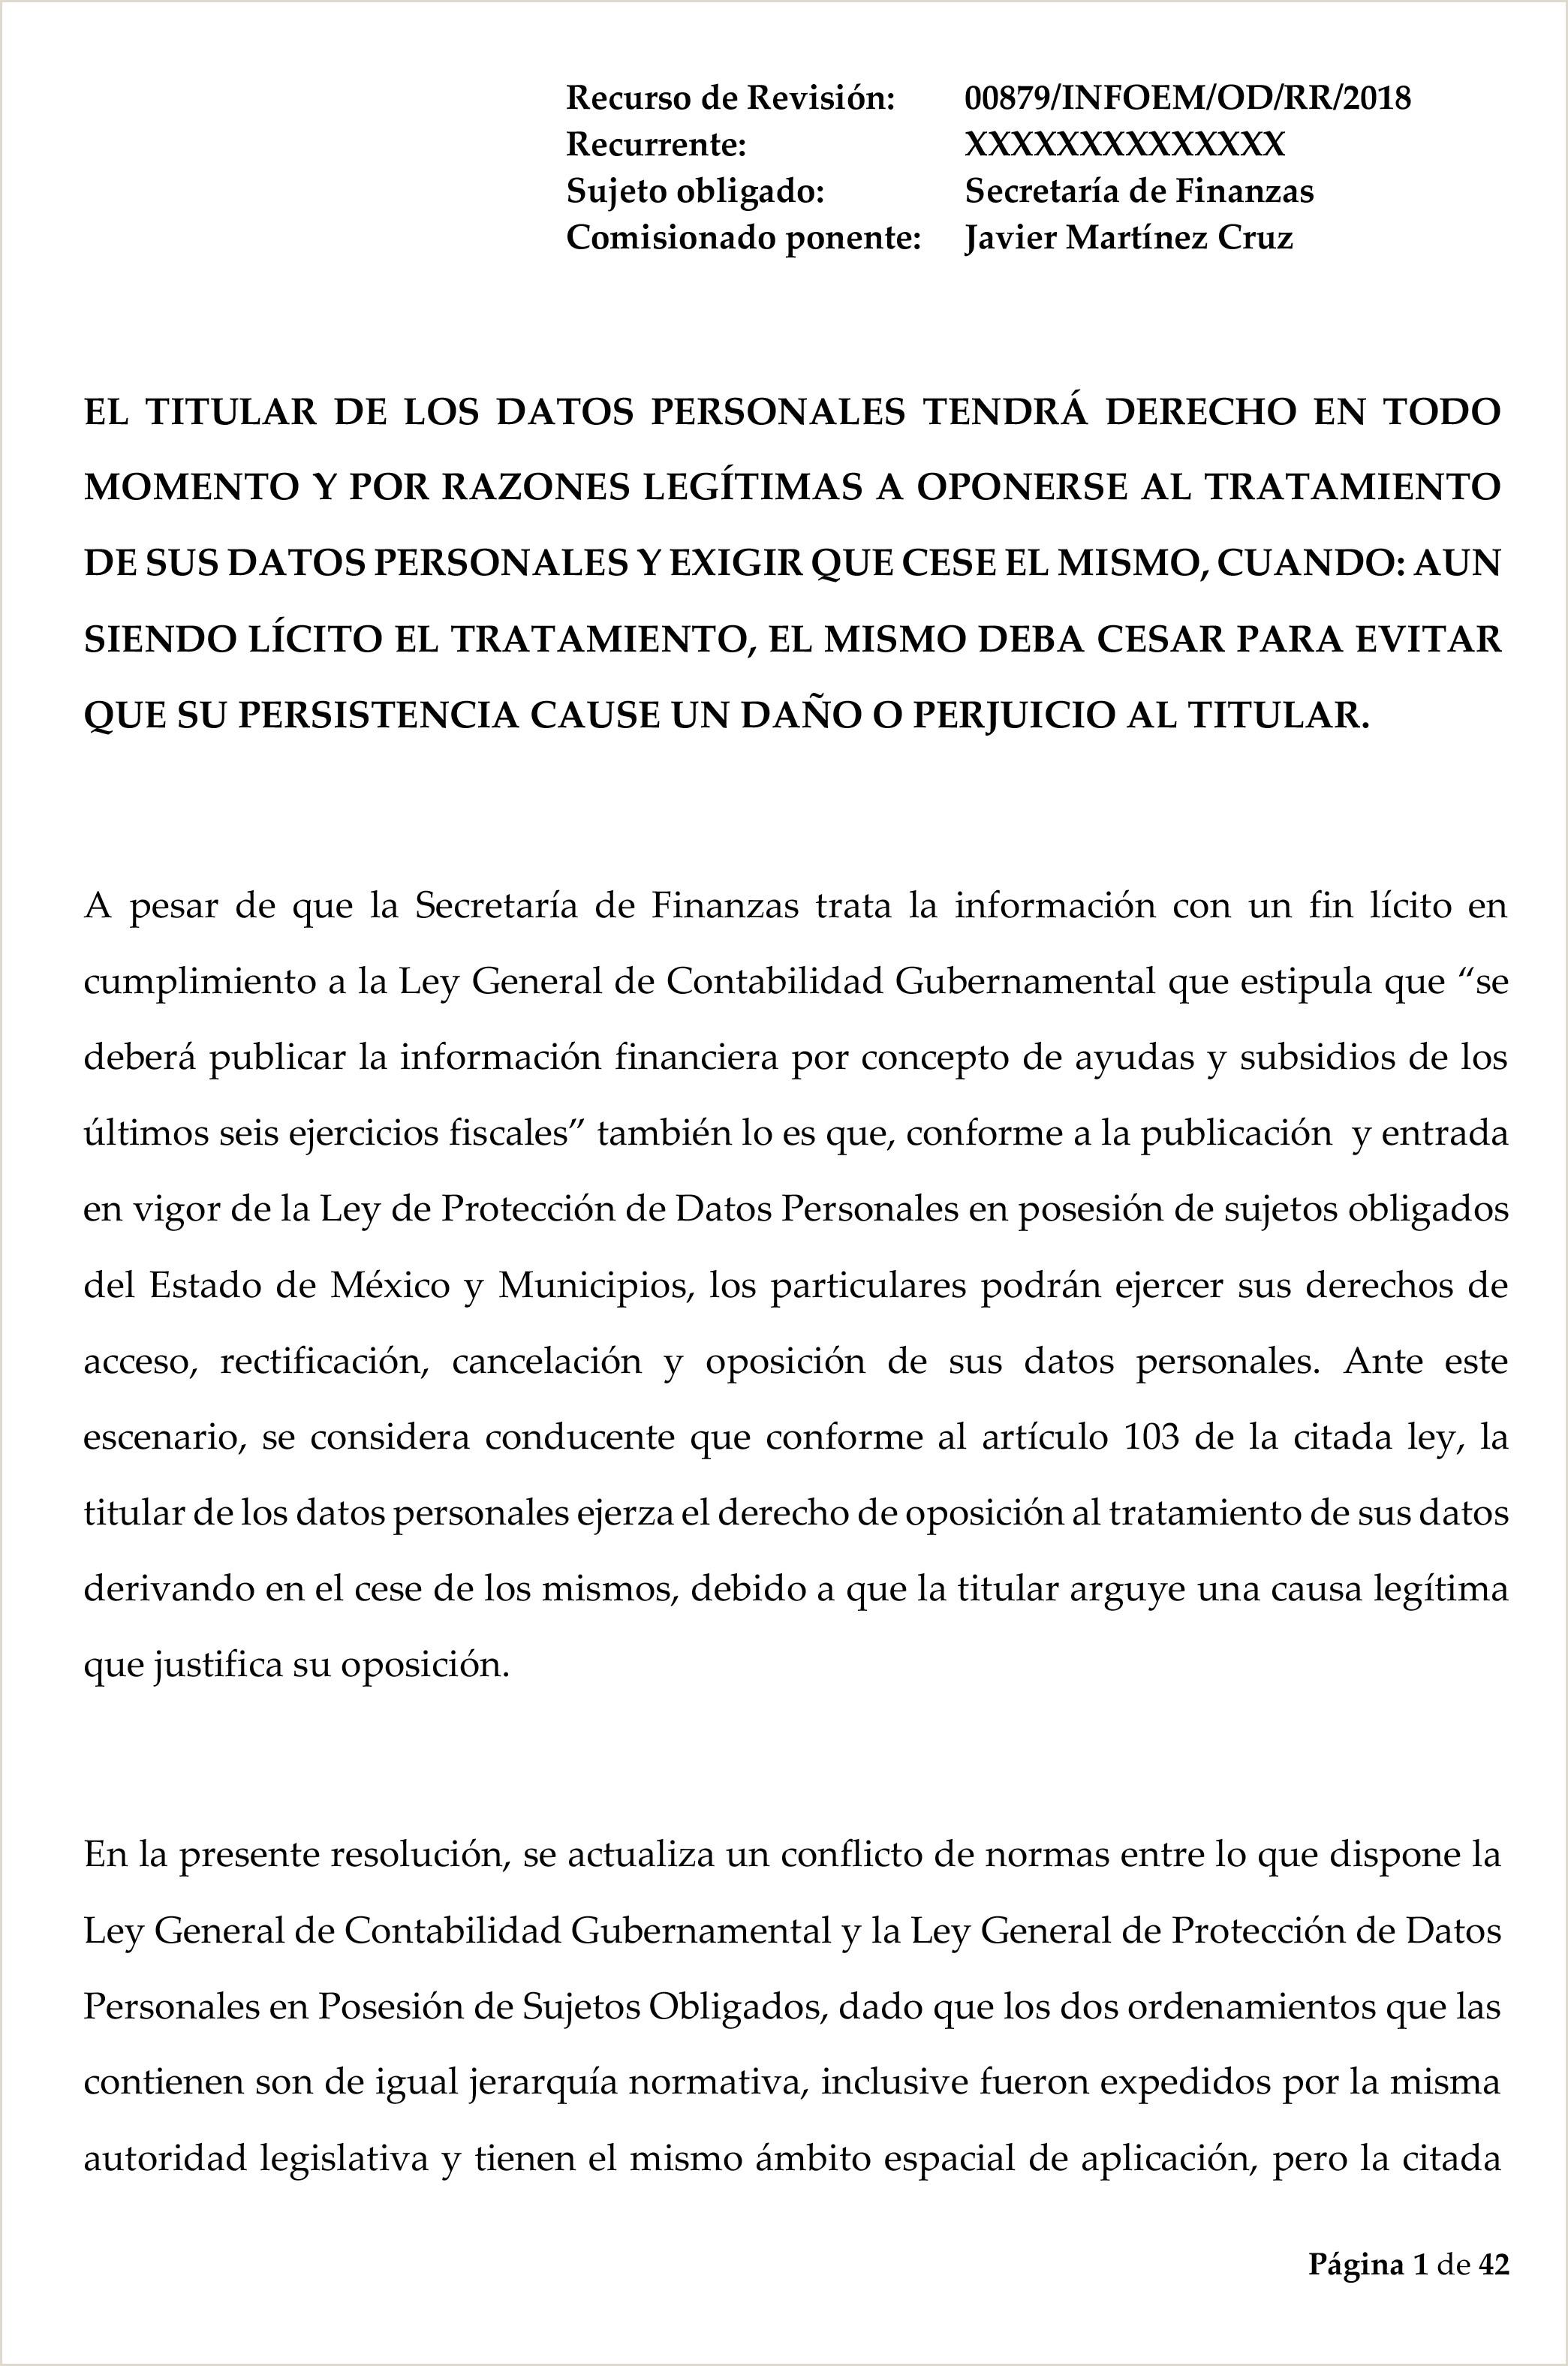 Formato Unico De Hoja De Vida Con Referencias Personales Instituto Veracruzano De Acceso A La Informaci³n Y De